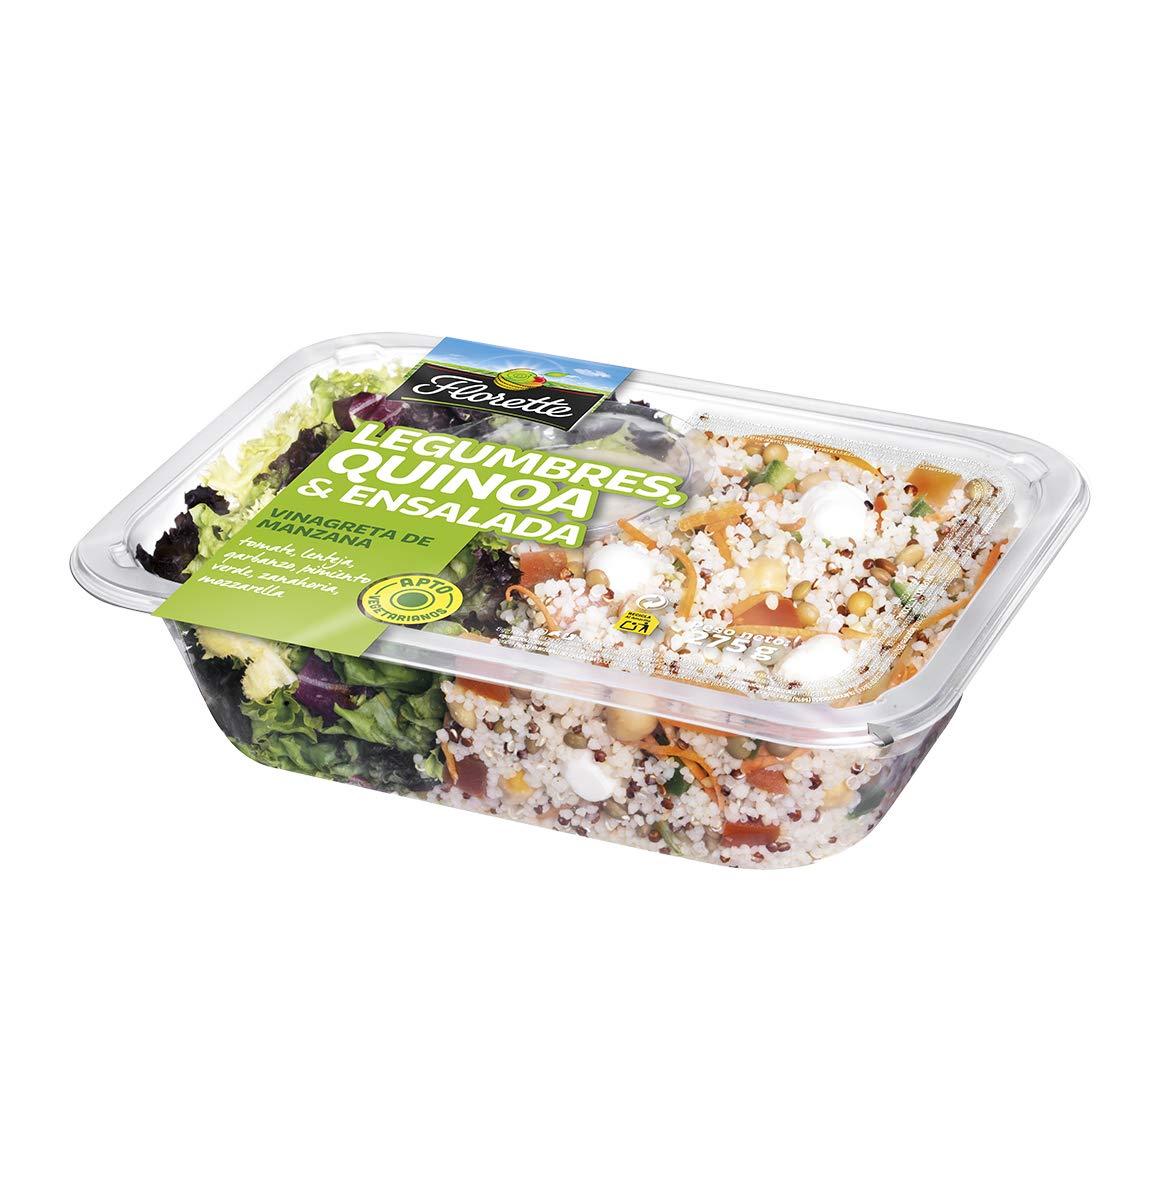 Florette Ensalada Completa Legumbres y Quinoa - 275 gr: Amazon.es: Alimentación y bebidas